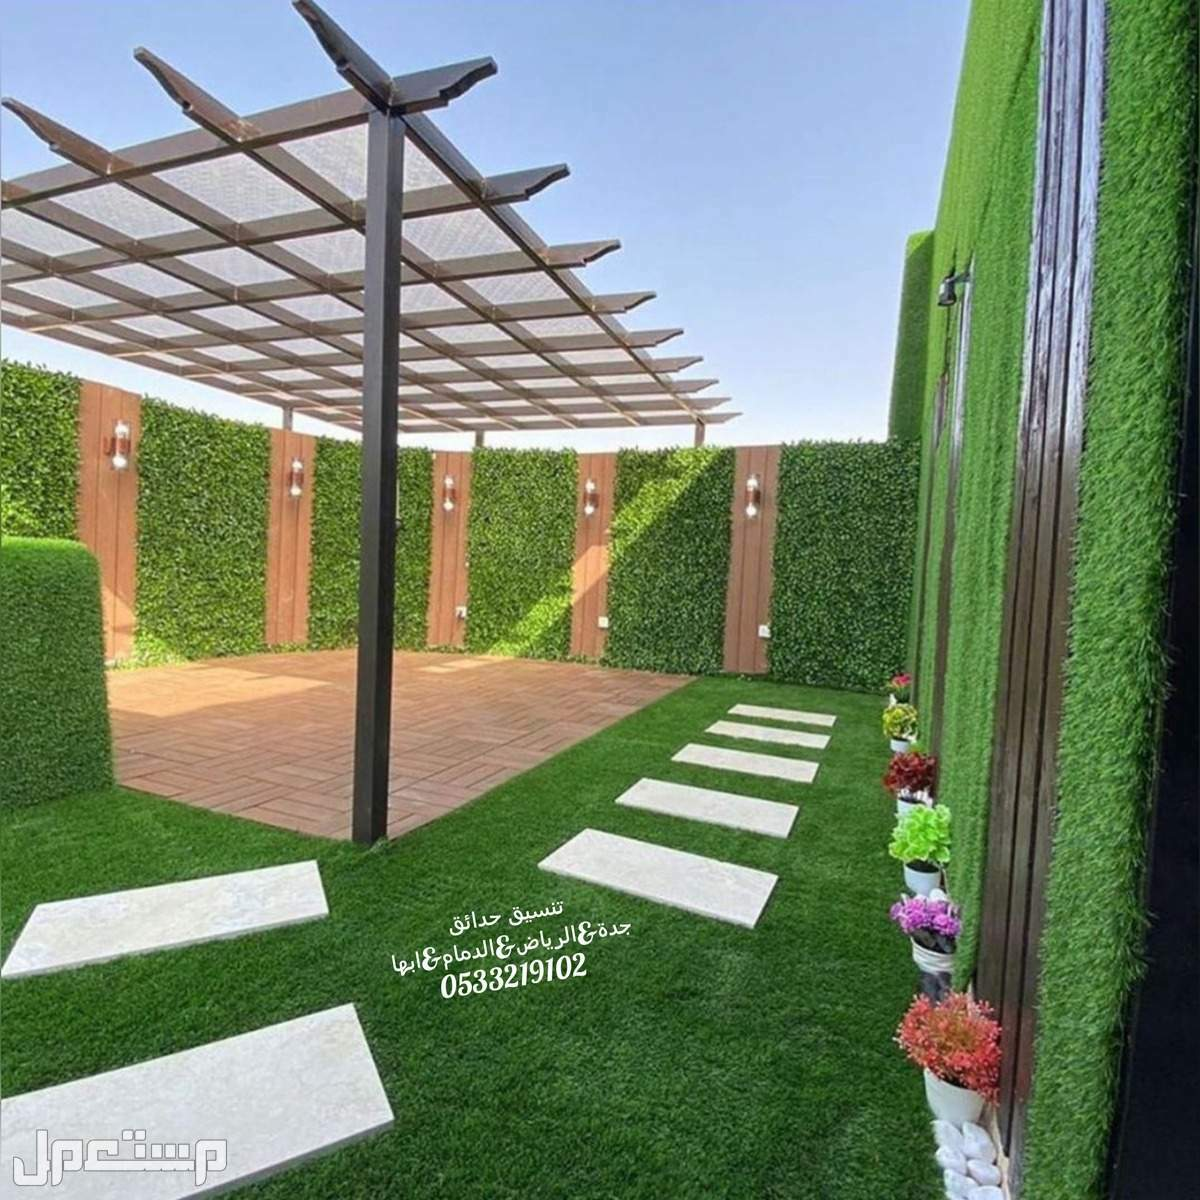 تركيب عشب صناعى   تنسيق حدائق   تصميم مظلات   برجولات   شلالات   نوافير